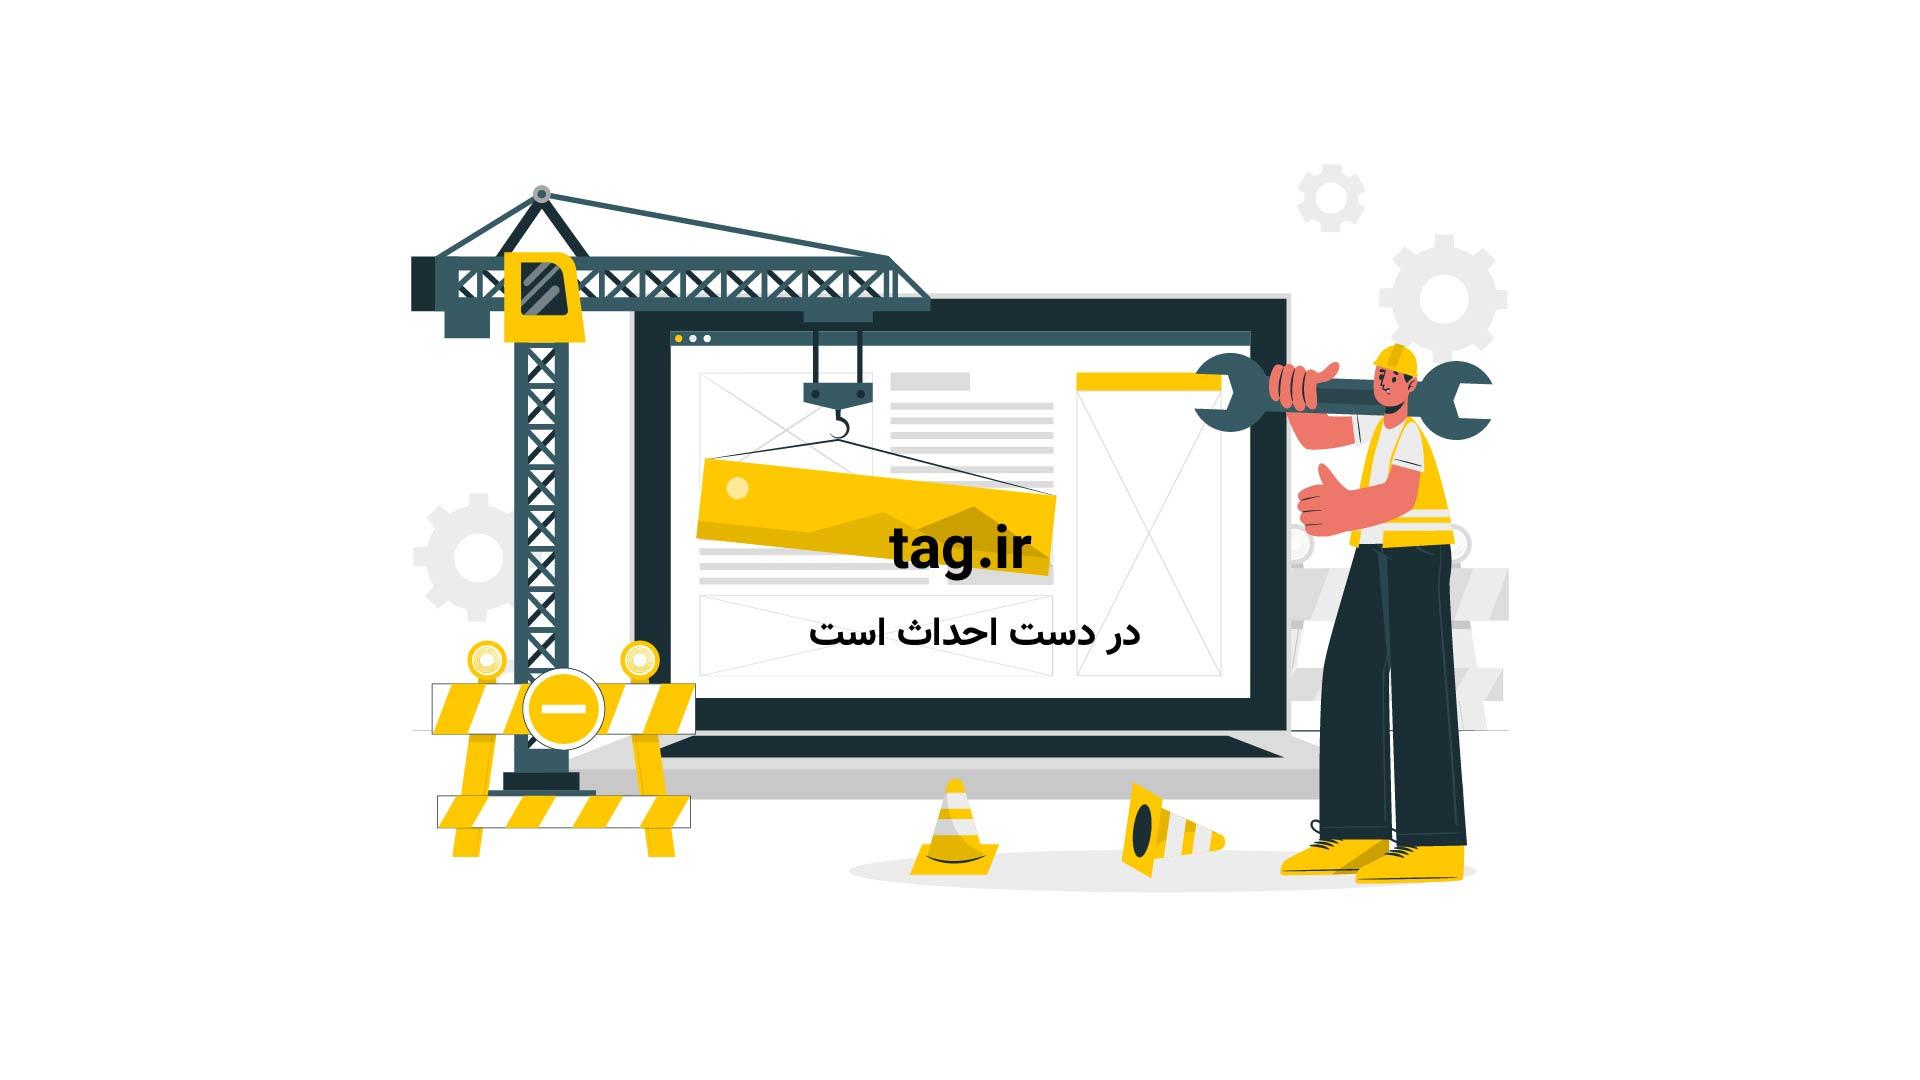 استند آپ کمدی کربلایی زاده در ویژه برنامه شب عید غدیر خندوانه   فیلم